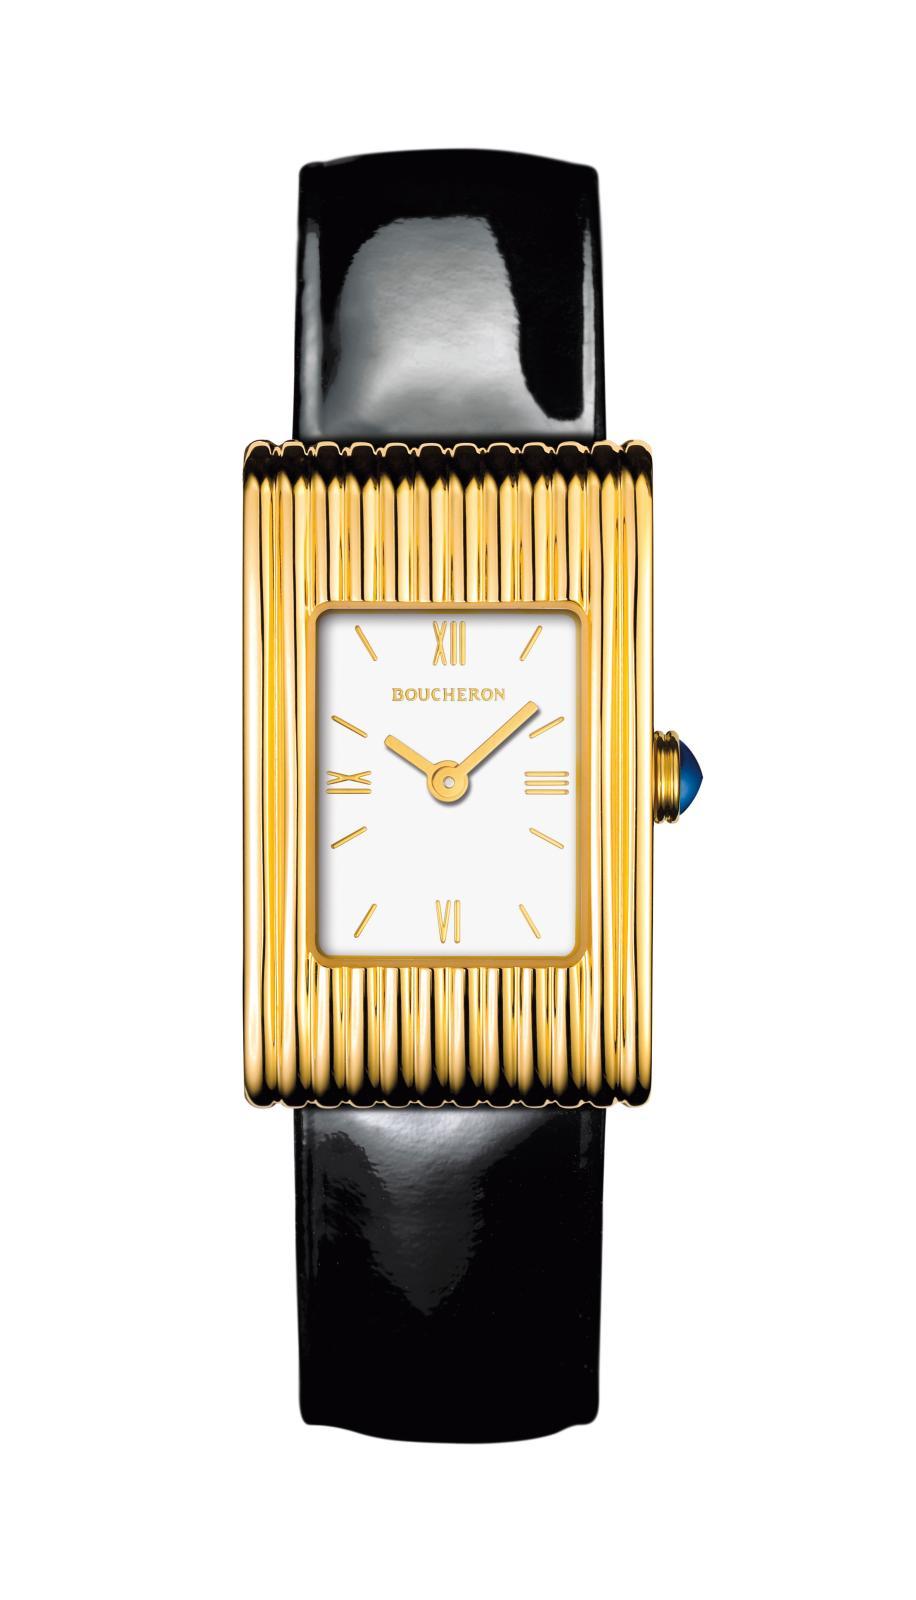 Montre Reflet, créée en 1947, à godrons d'or et bracelets interchangeables. Cette technique fait alors l'objet d'un dépôt de brevet.